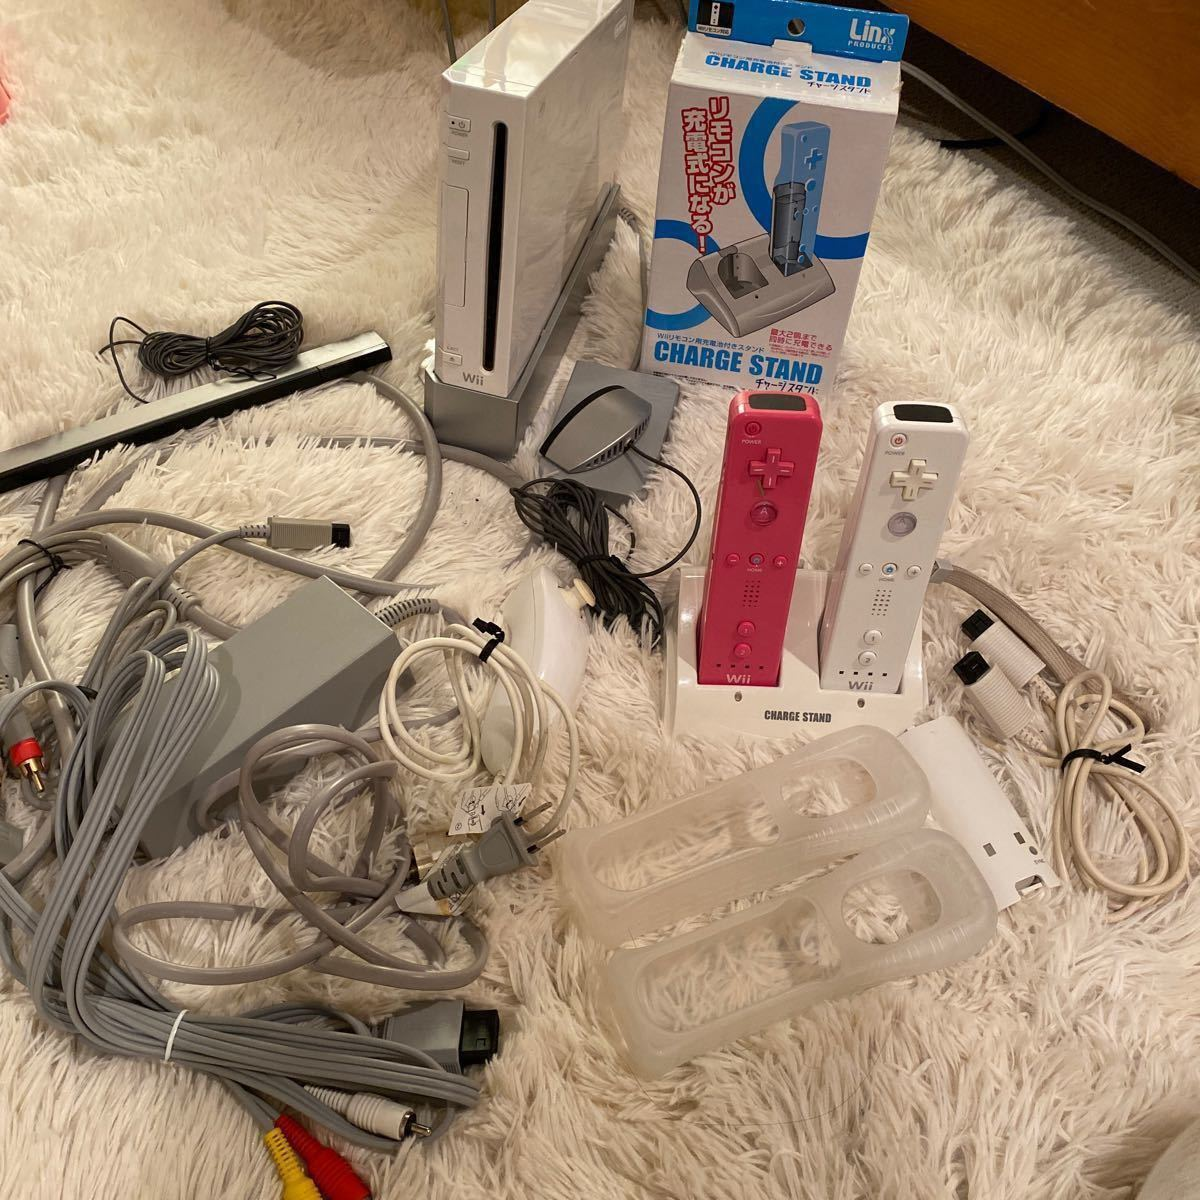 任天堂 ニンテンドー Wii セット ヌンチャク リモコン マイク 本体  ACアダプター  センサーバー ソフトセット